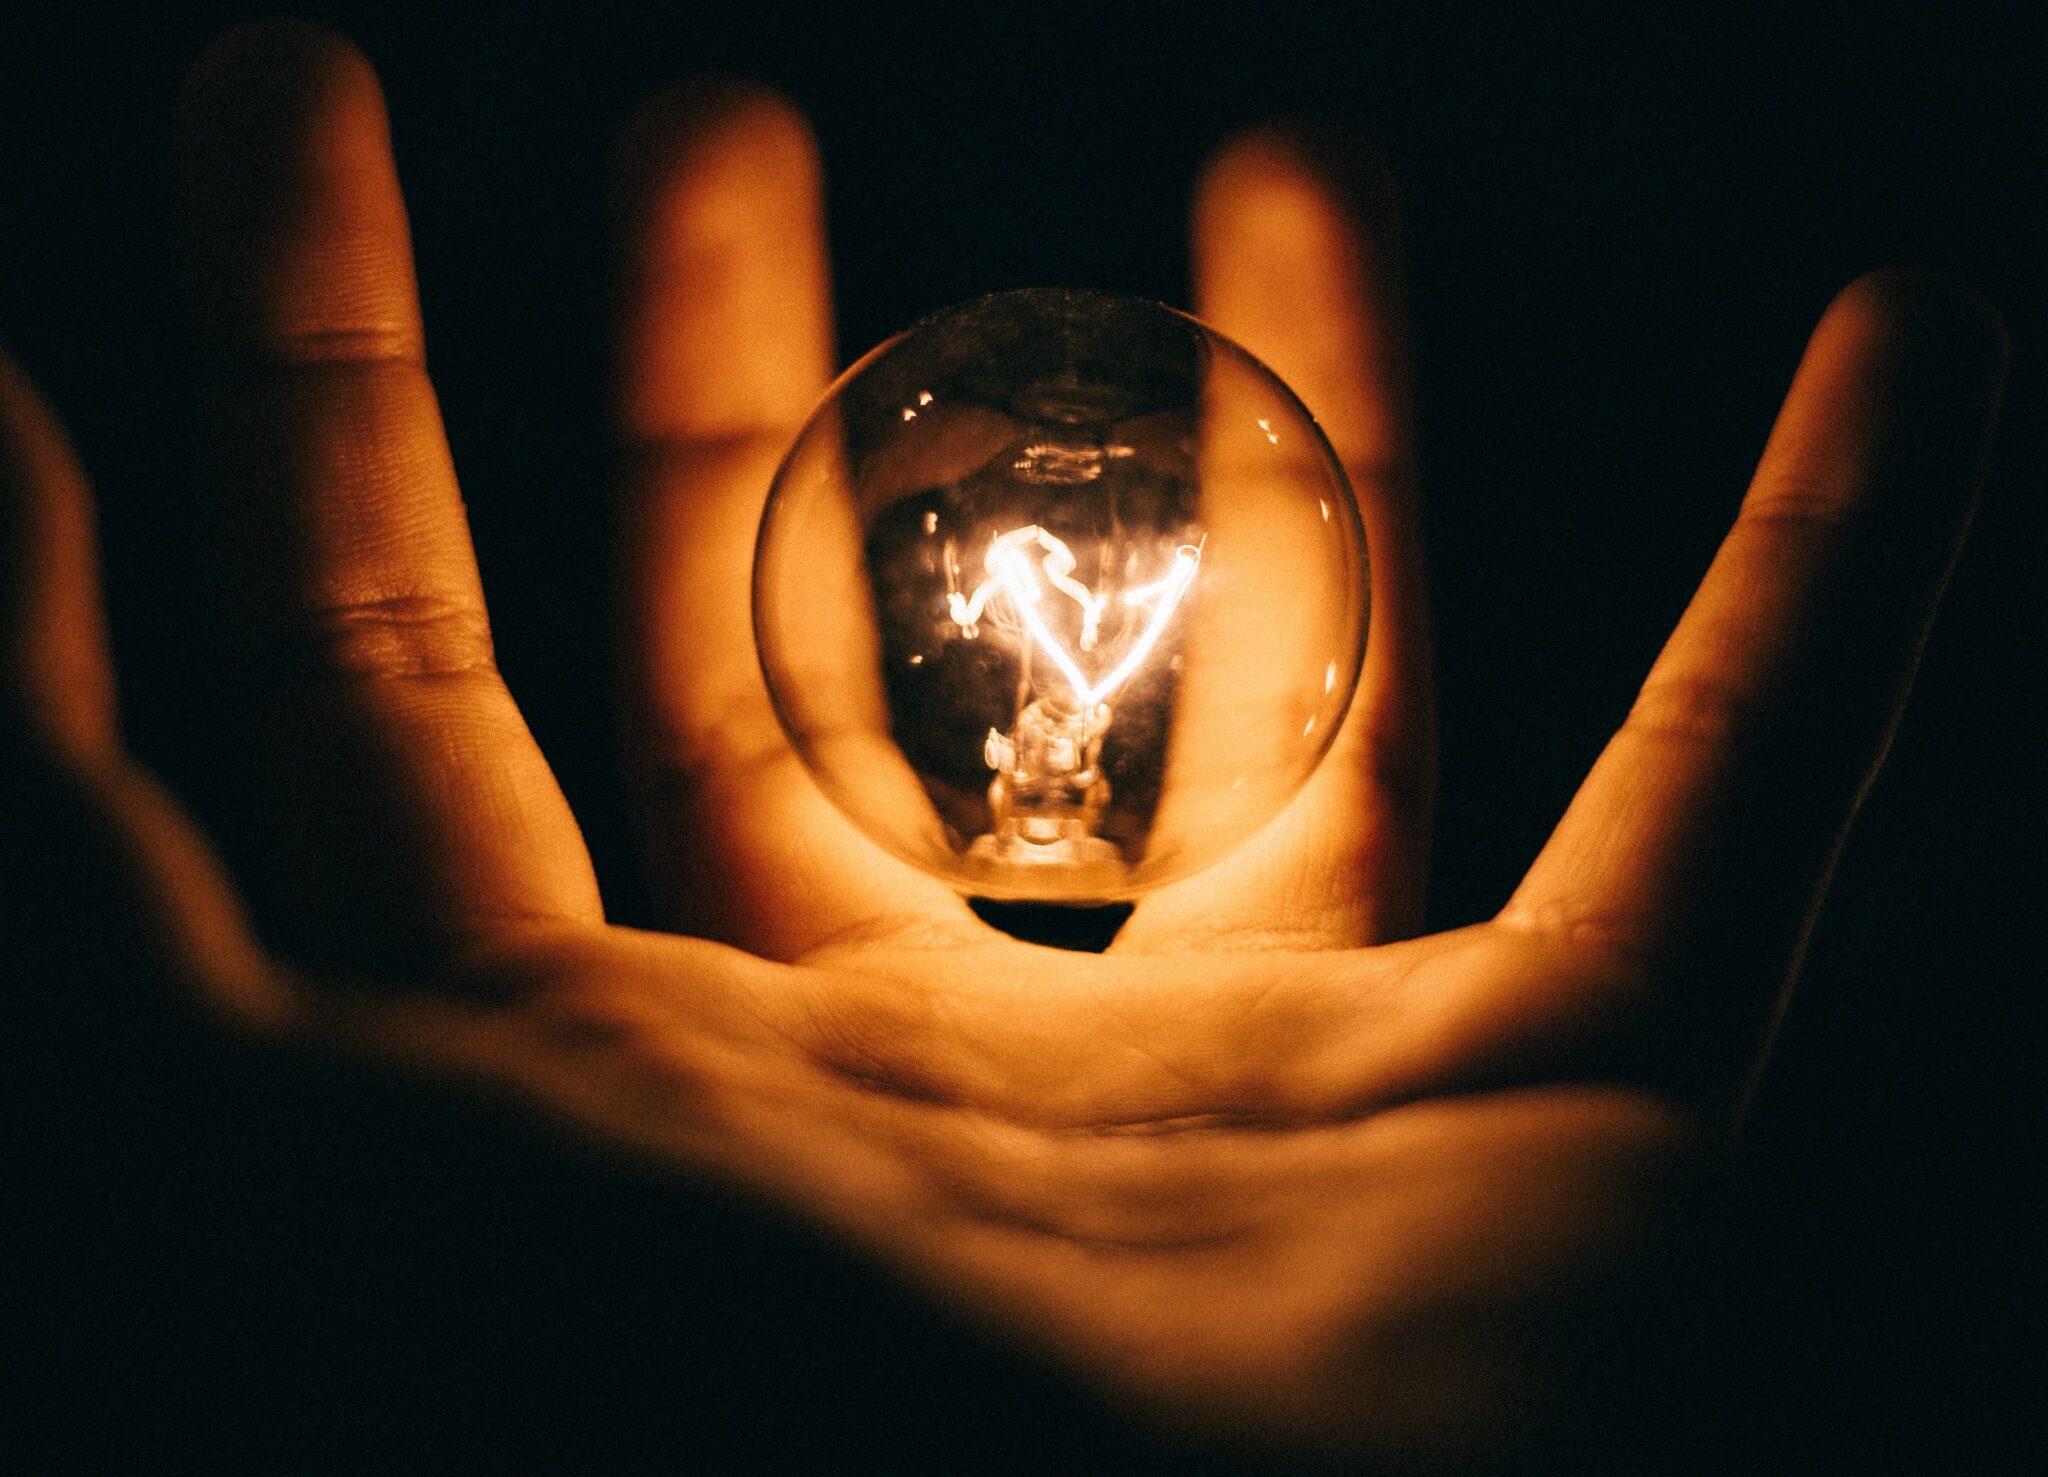 leuchtende Glühbirne in einer Hand